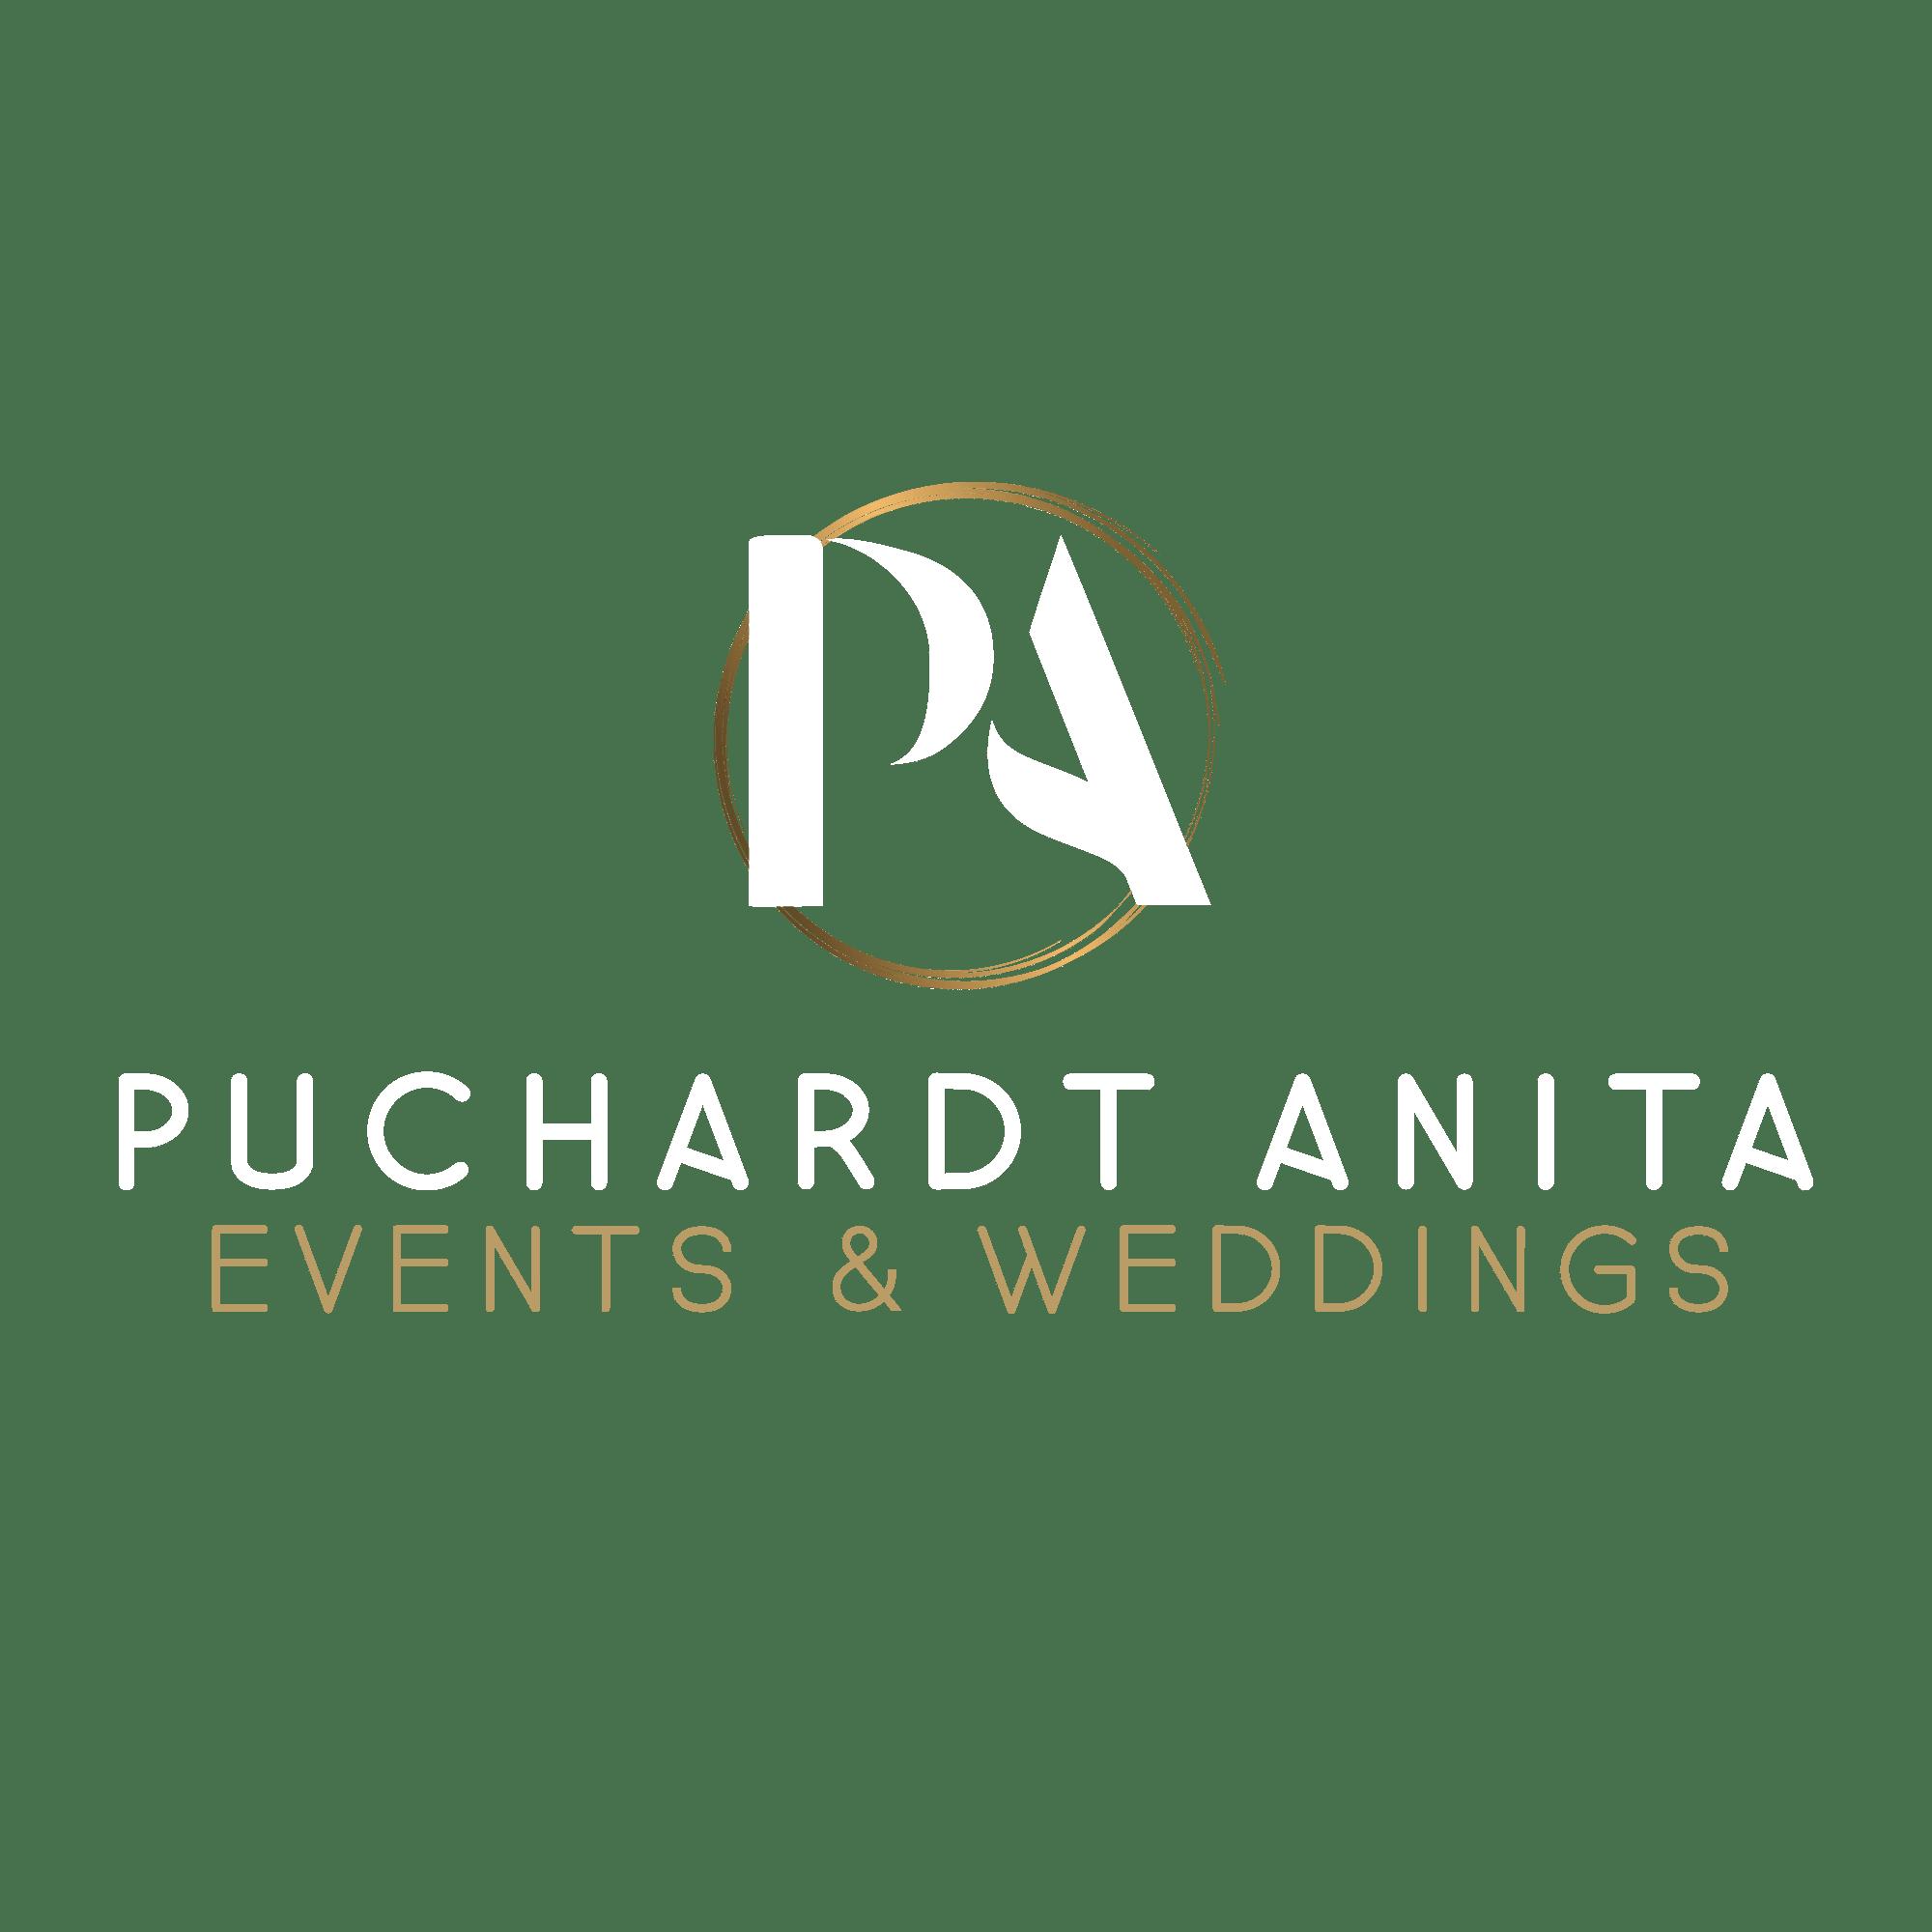 puchardt_anita_logo_feher